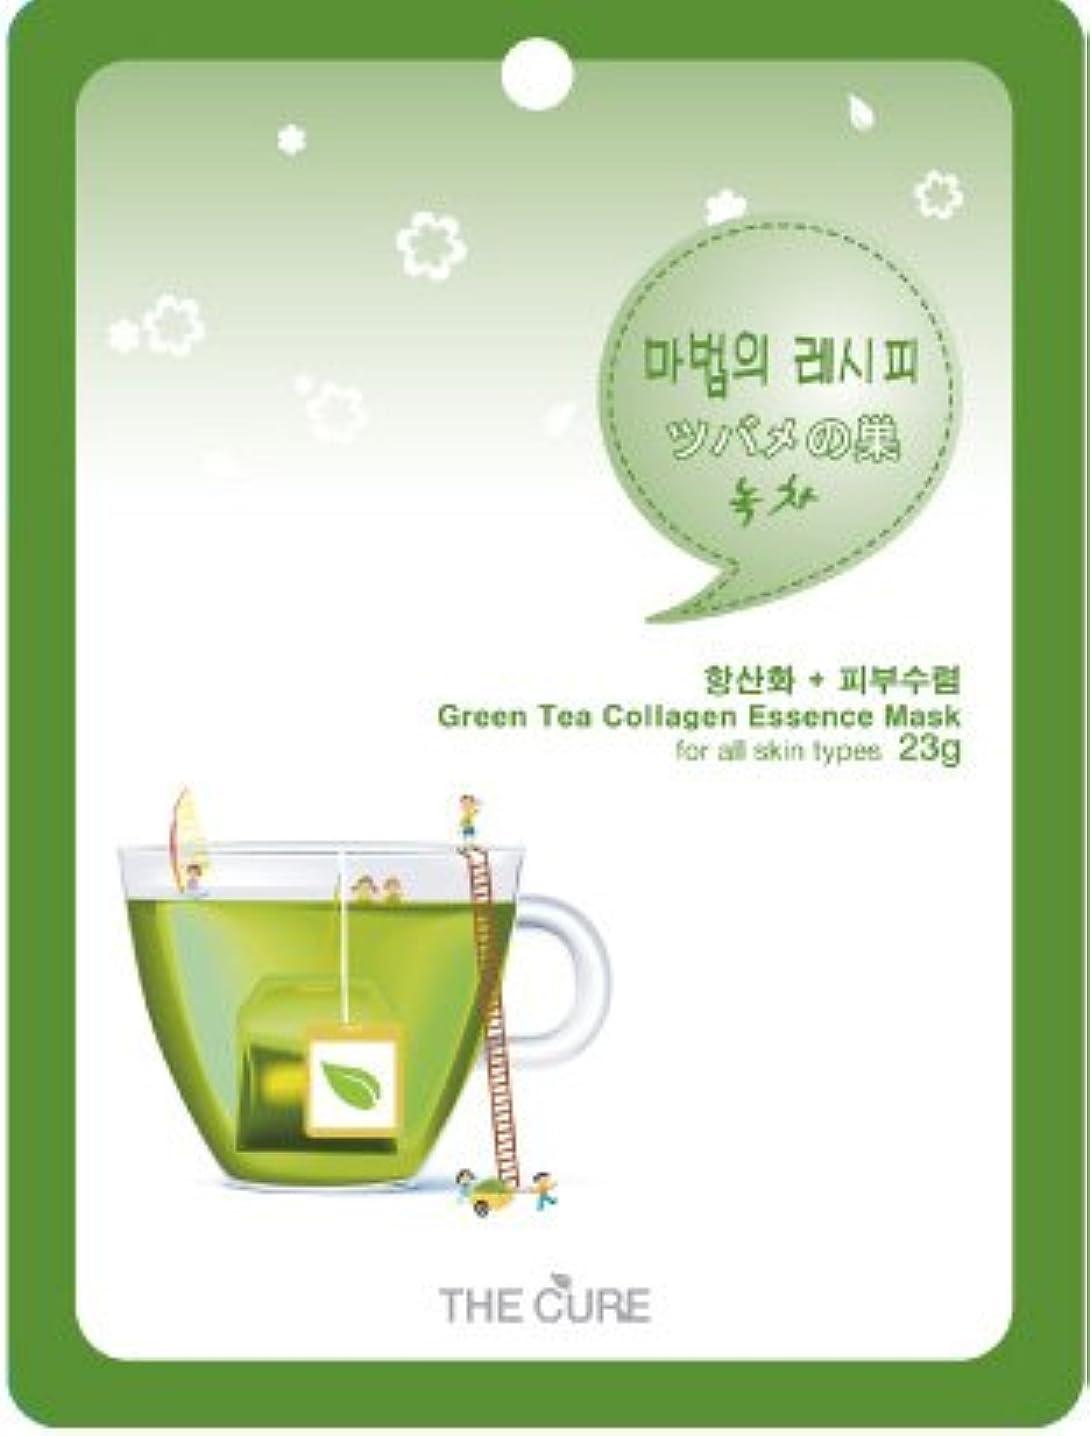 パトロールあいまいなメニュー緑茶 コラーゲン エッセンス マスク THE CURE シート パック 10枚セット 韓国 コスメ 乾燥肌 オイリー肌 混合肌